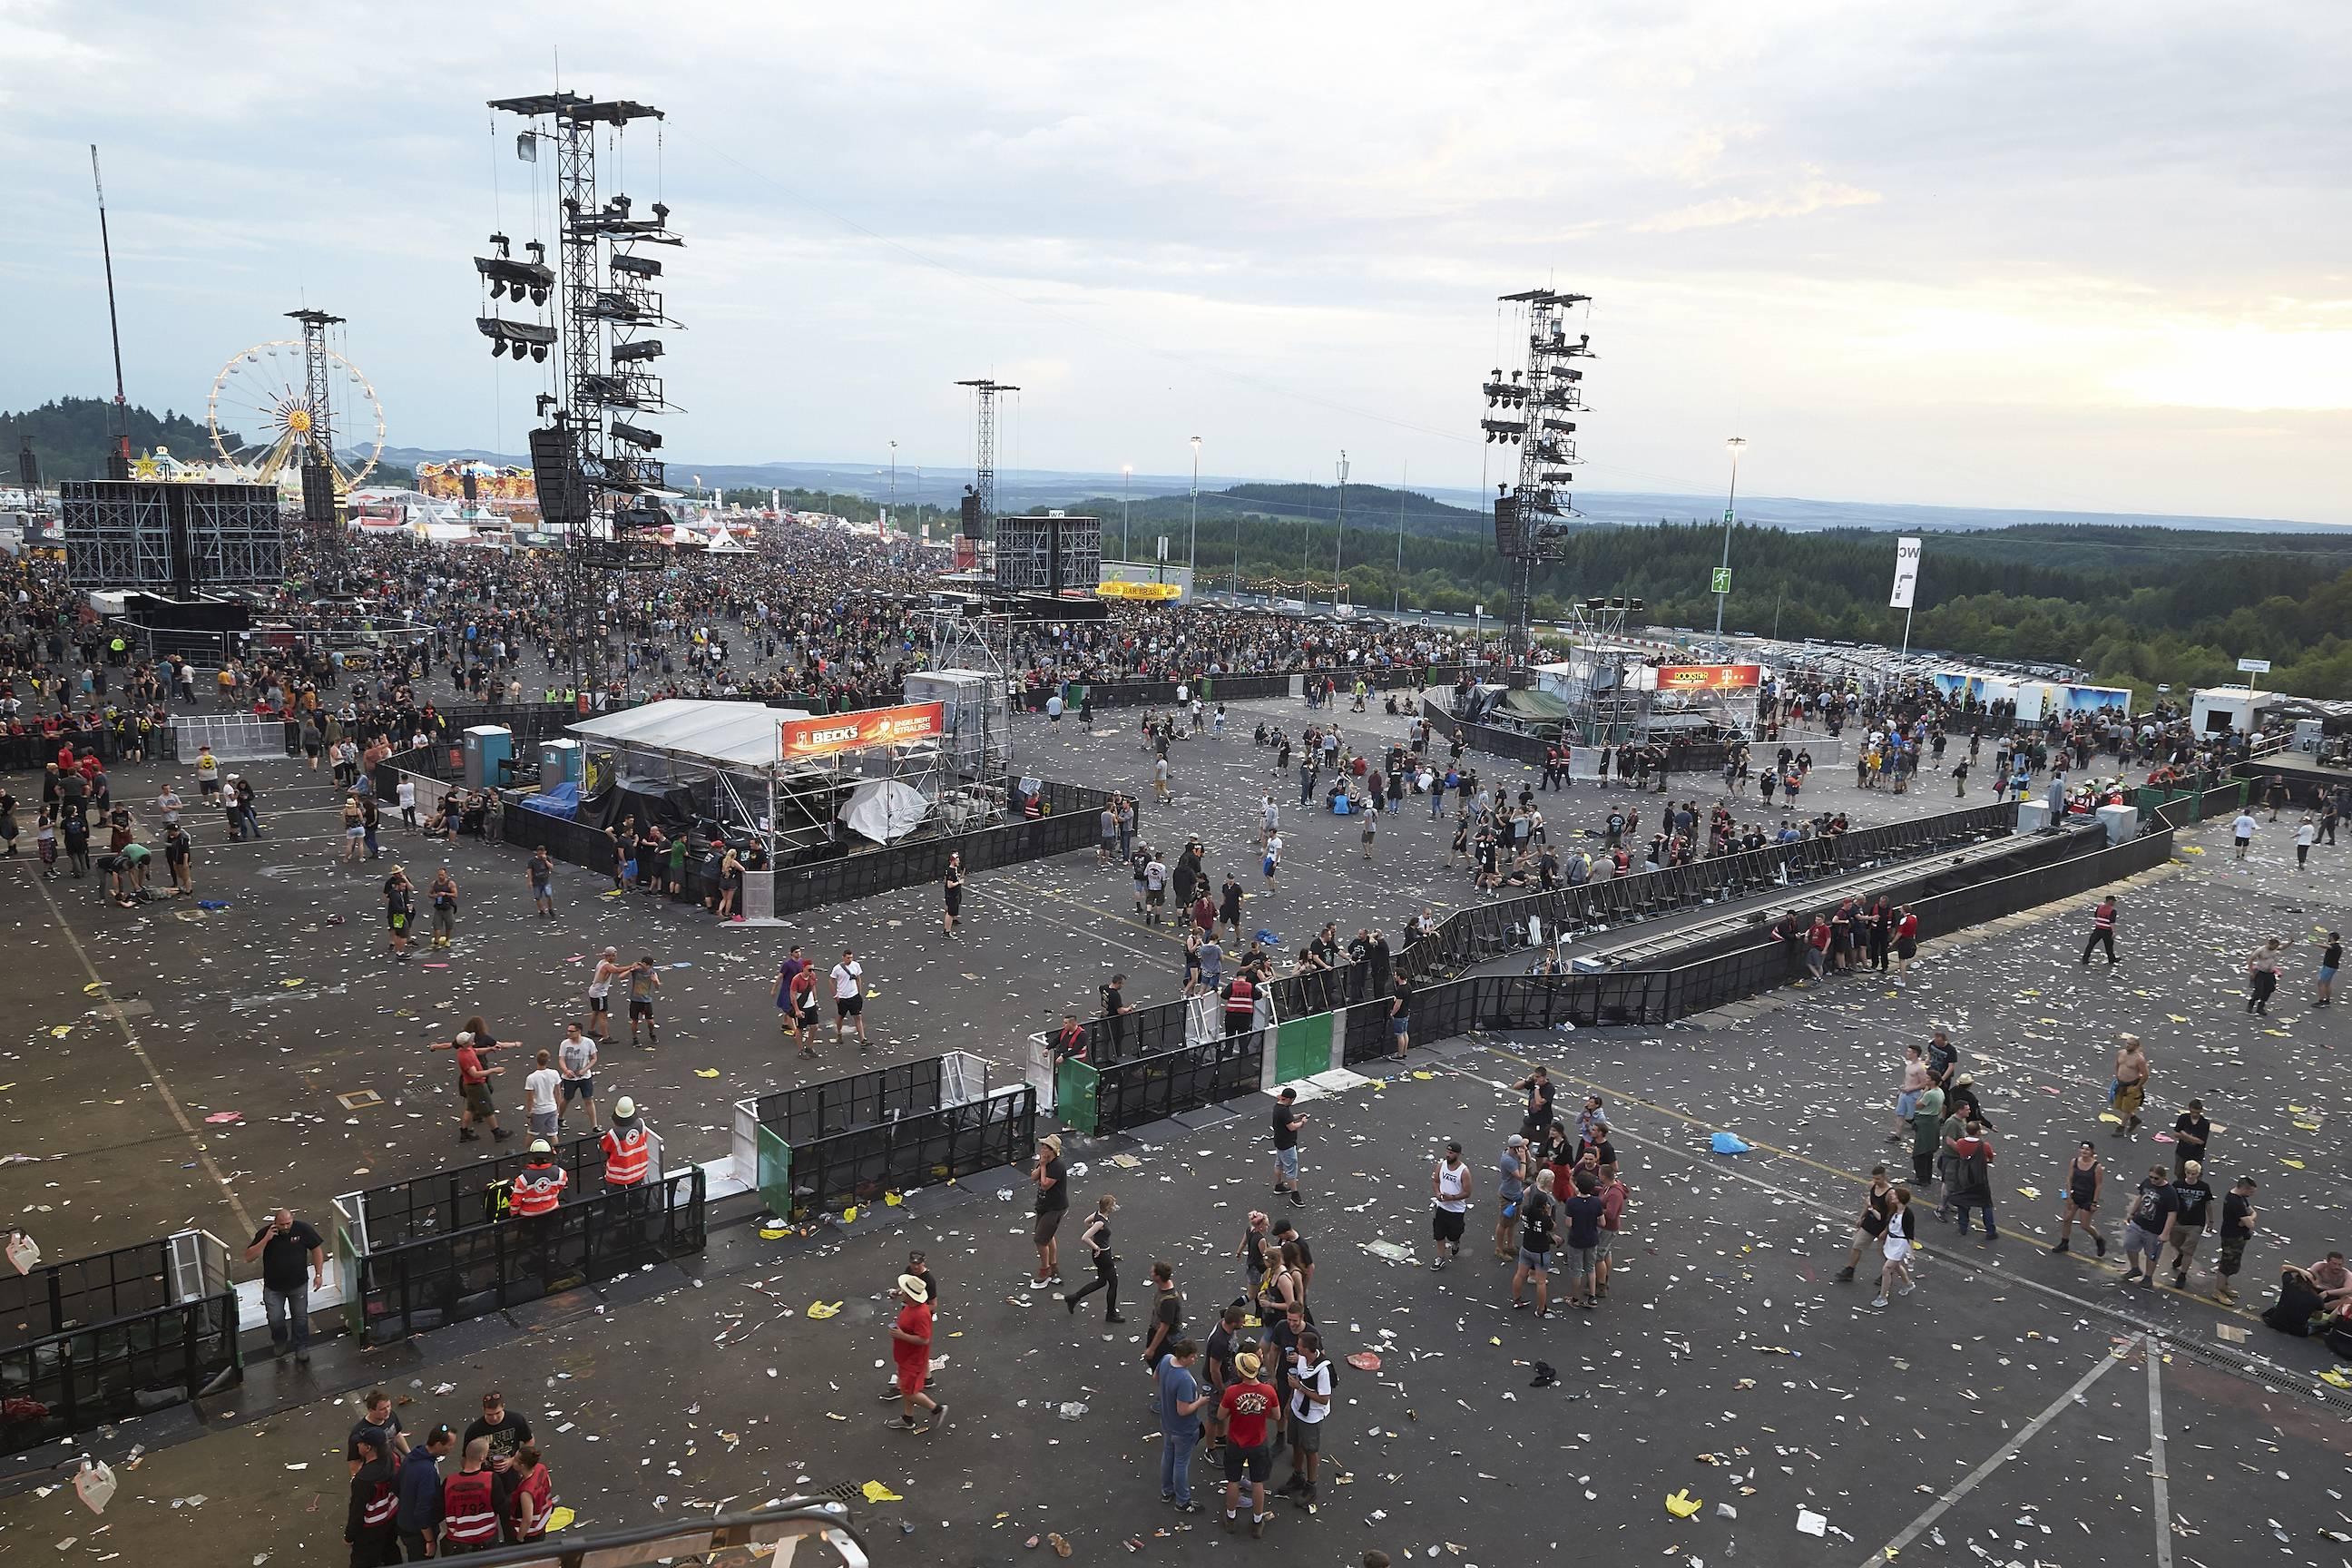 Cancelan concierto de rock tras amenaza terrorista en Alemania Foto: AP